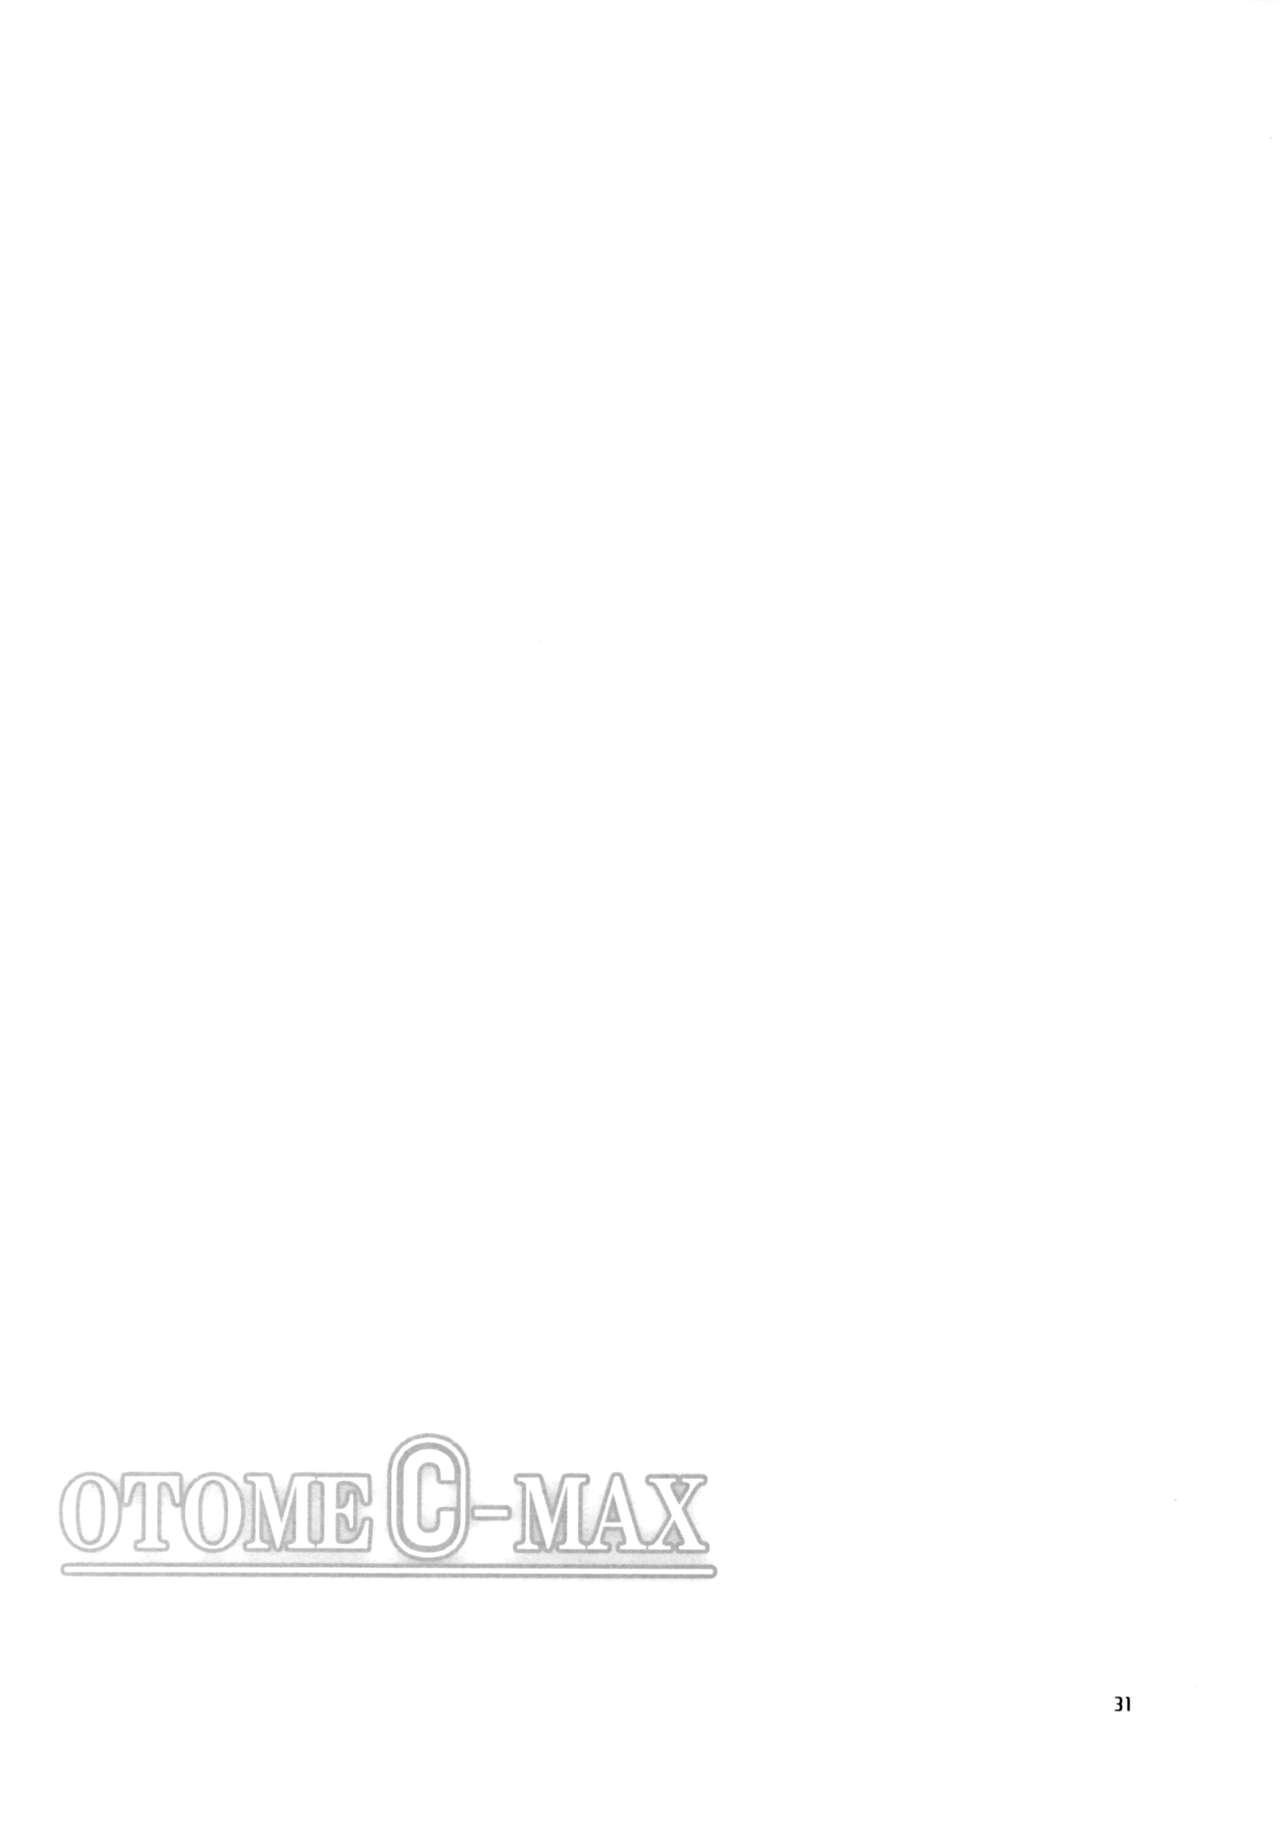 OTOME C-MAX 29